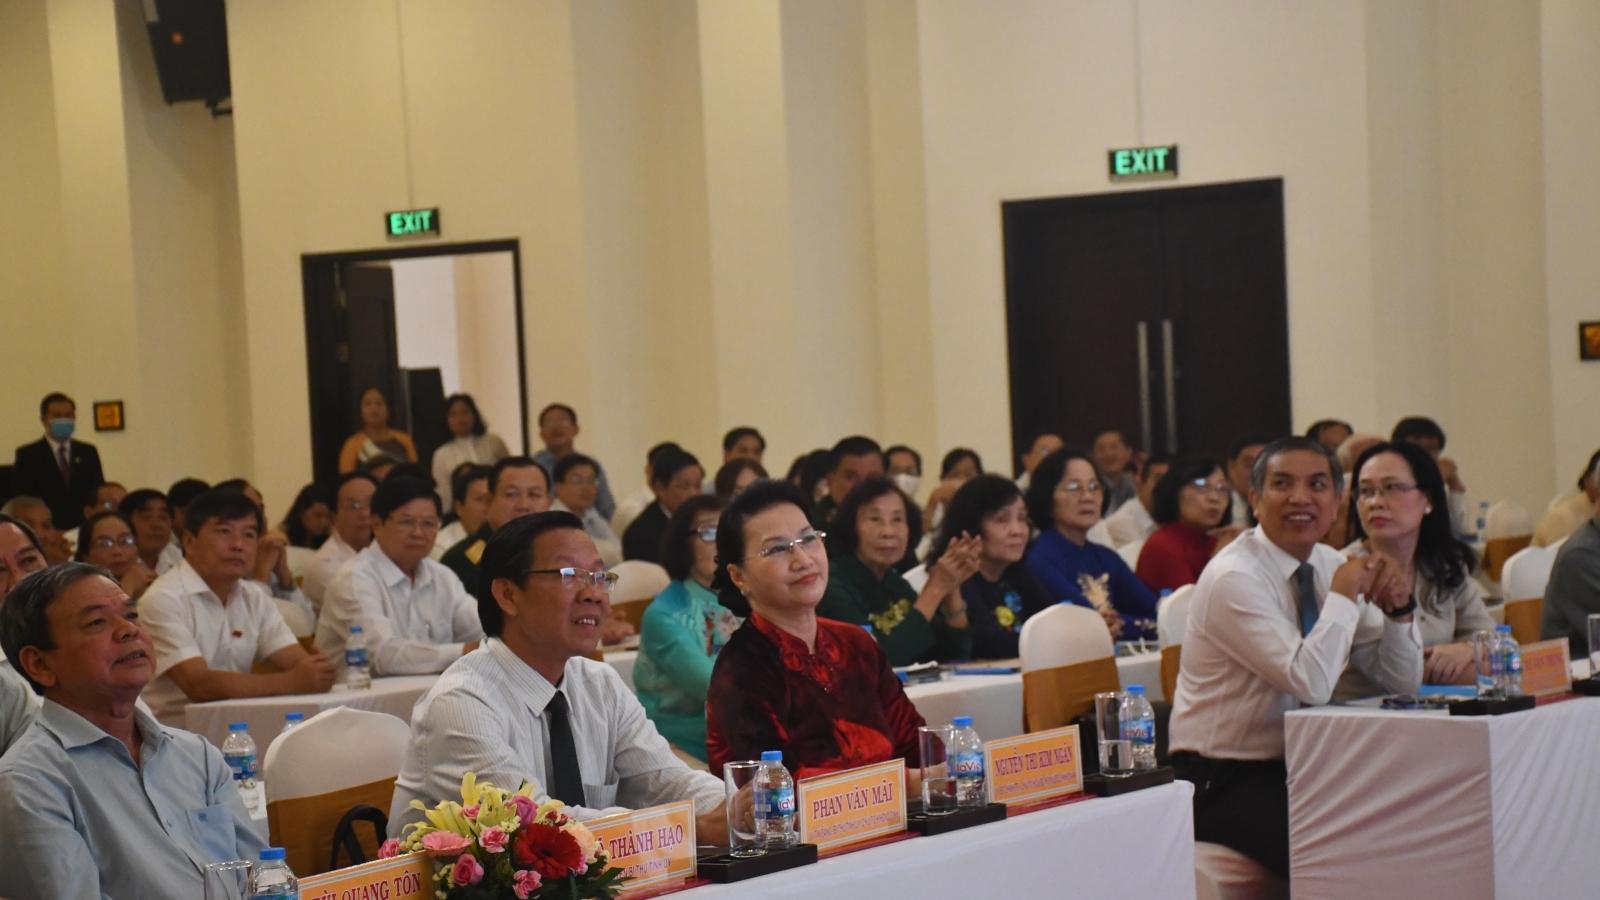 Chủ tịch Quốc hội dự họp mặt kỷ niệm 75 nămQuốc Hội Việt Nam tại Bến Tre